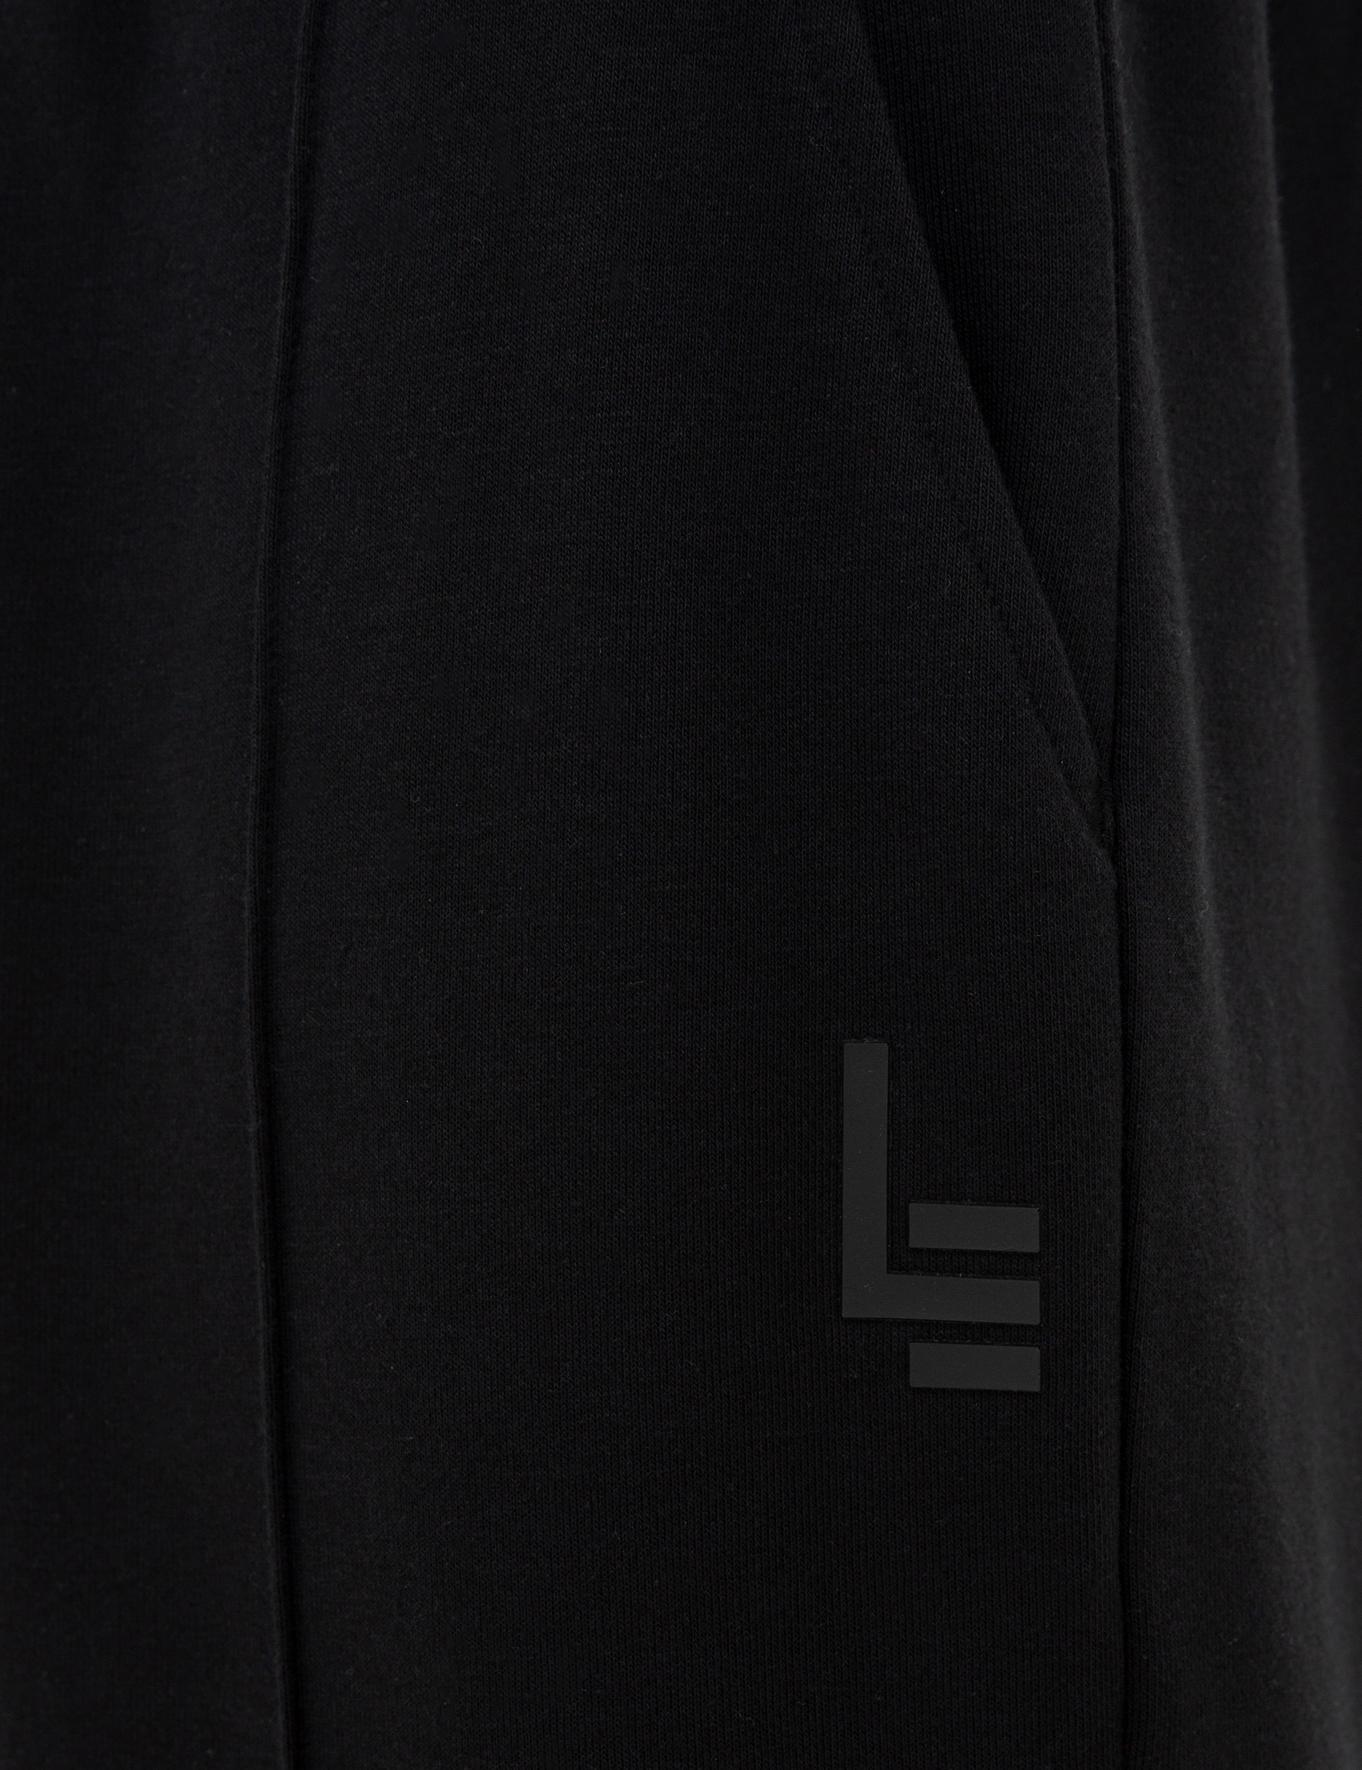 Siyah Örme Şort - 50235787001